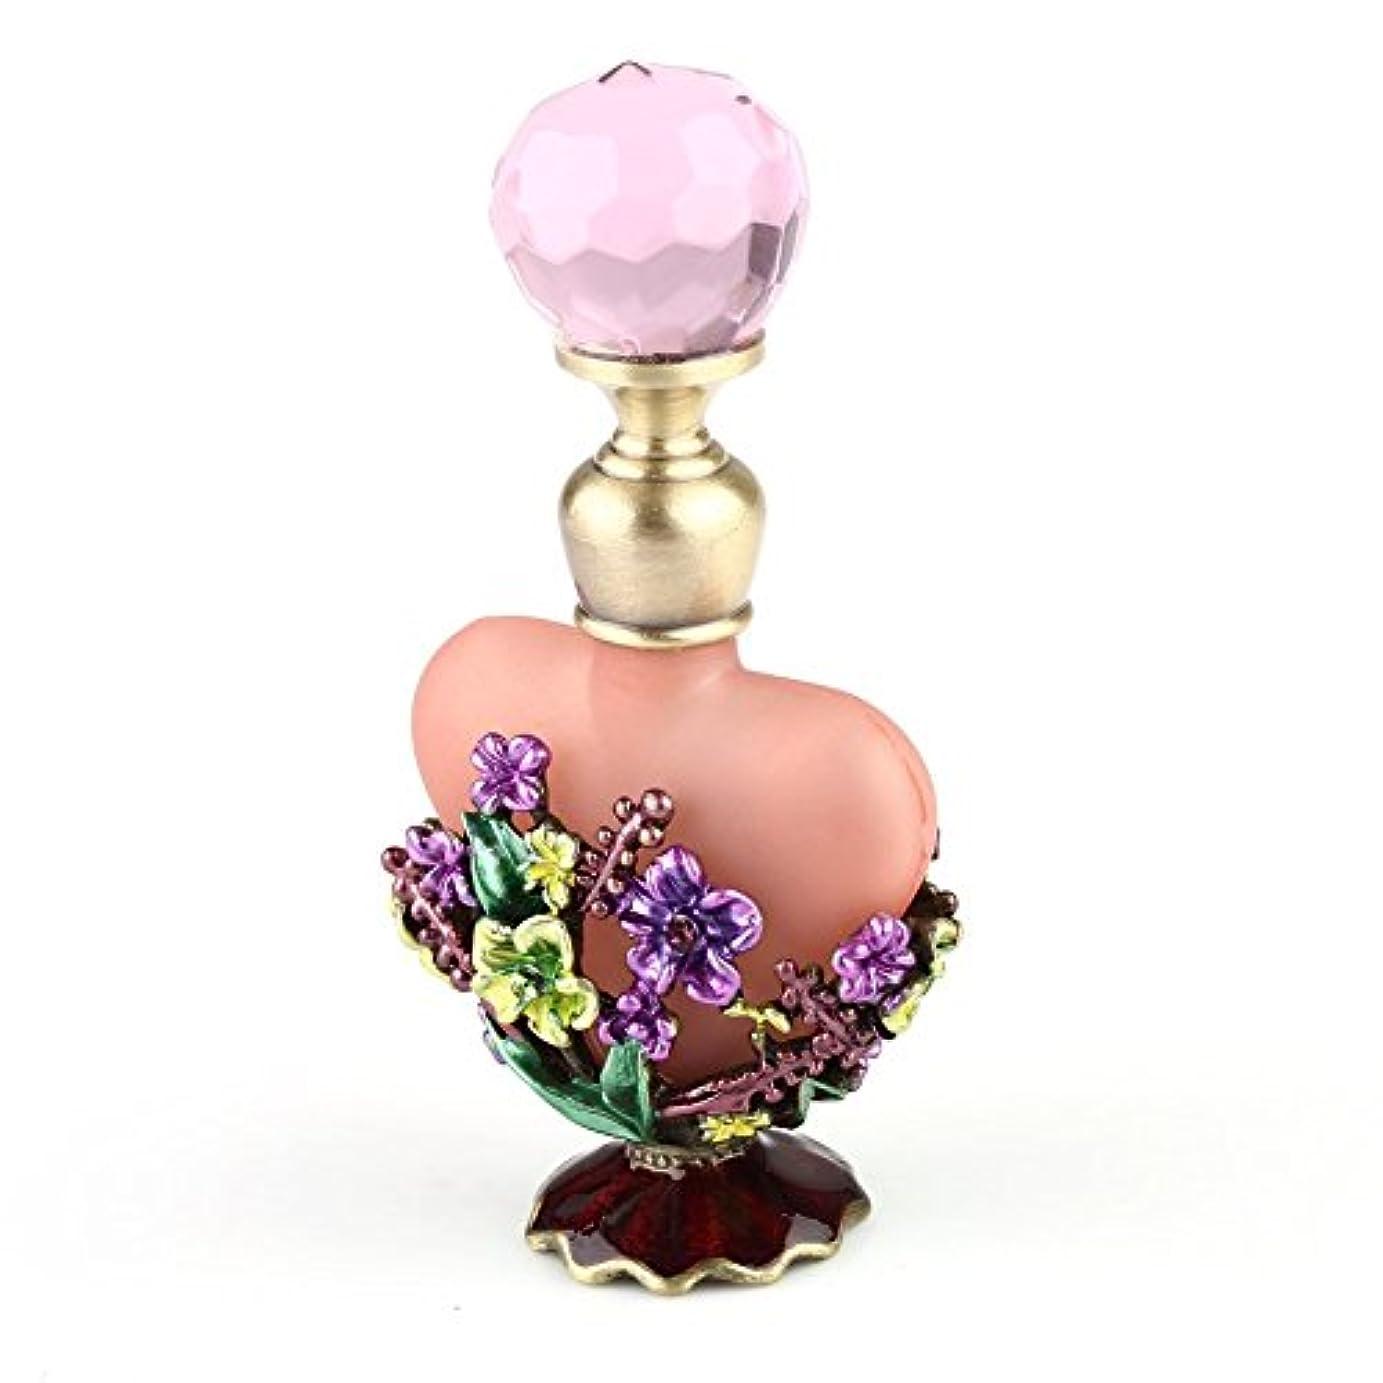 アーサーニュージーランド円形VERY100 高品質 美しい香水瓶/アロマボトル 5ML ピンク アロマオイル用瓶 綺麗アンティーク調フラワーデザイン プレゼント 結婚式 飾り